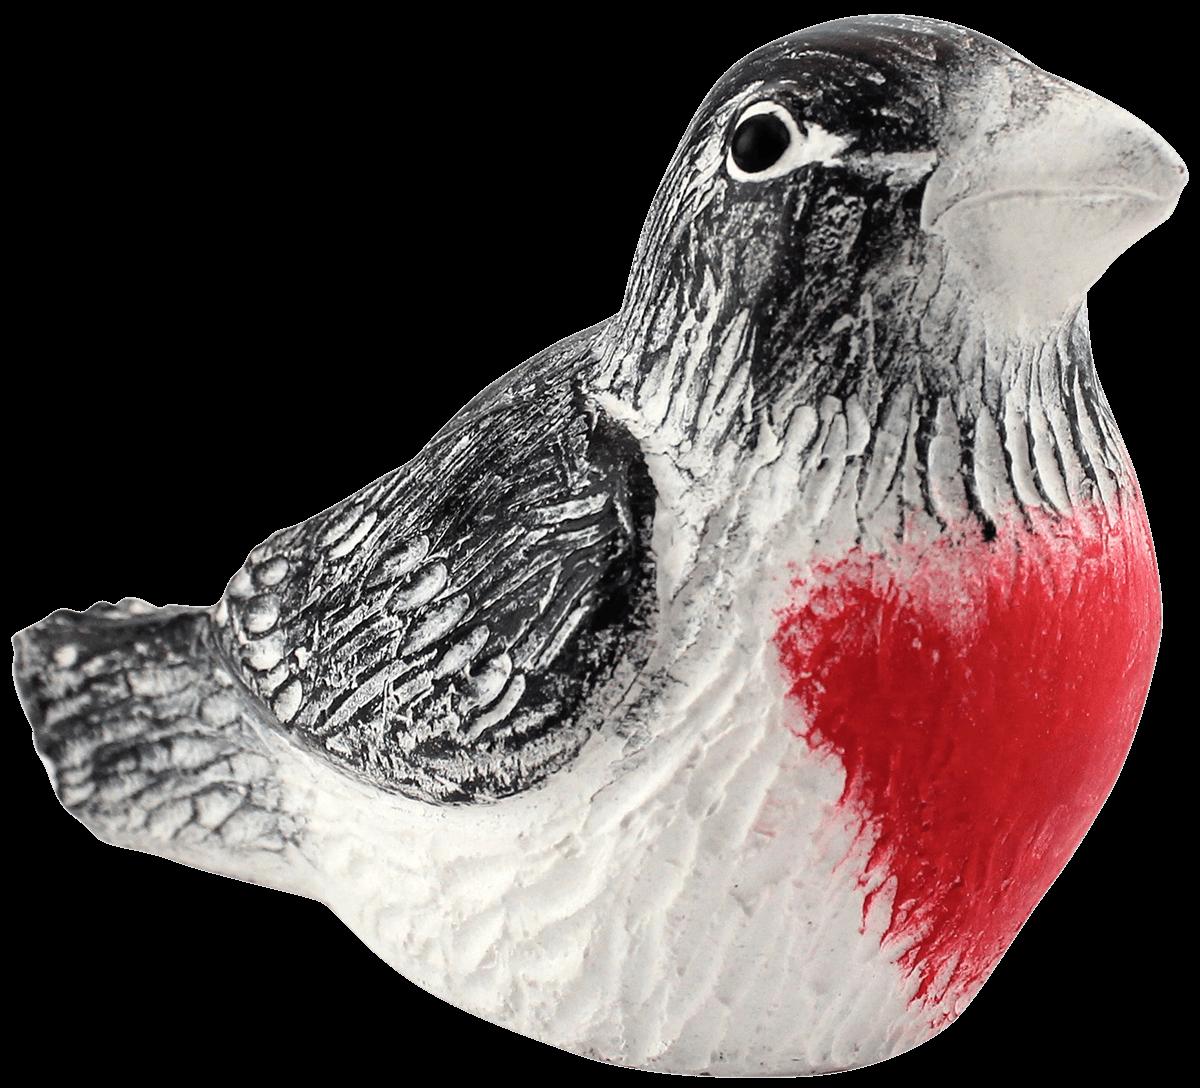 Bird Embroidery Fiber Art Bird Bird Sculpture Gift for Bird Lover Felt Bird Felt Rose-breasted Grosbeak Fiber Art Grosbeak Songbird